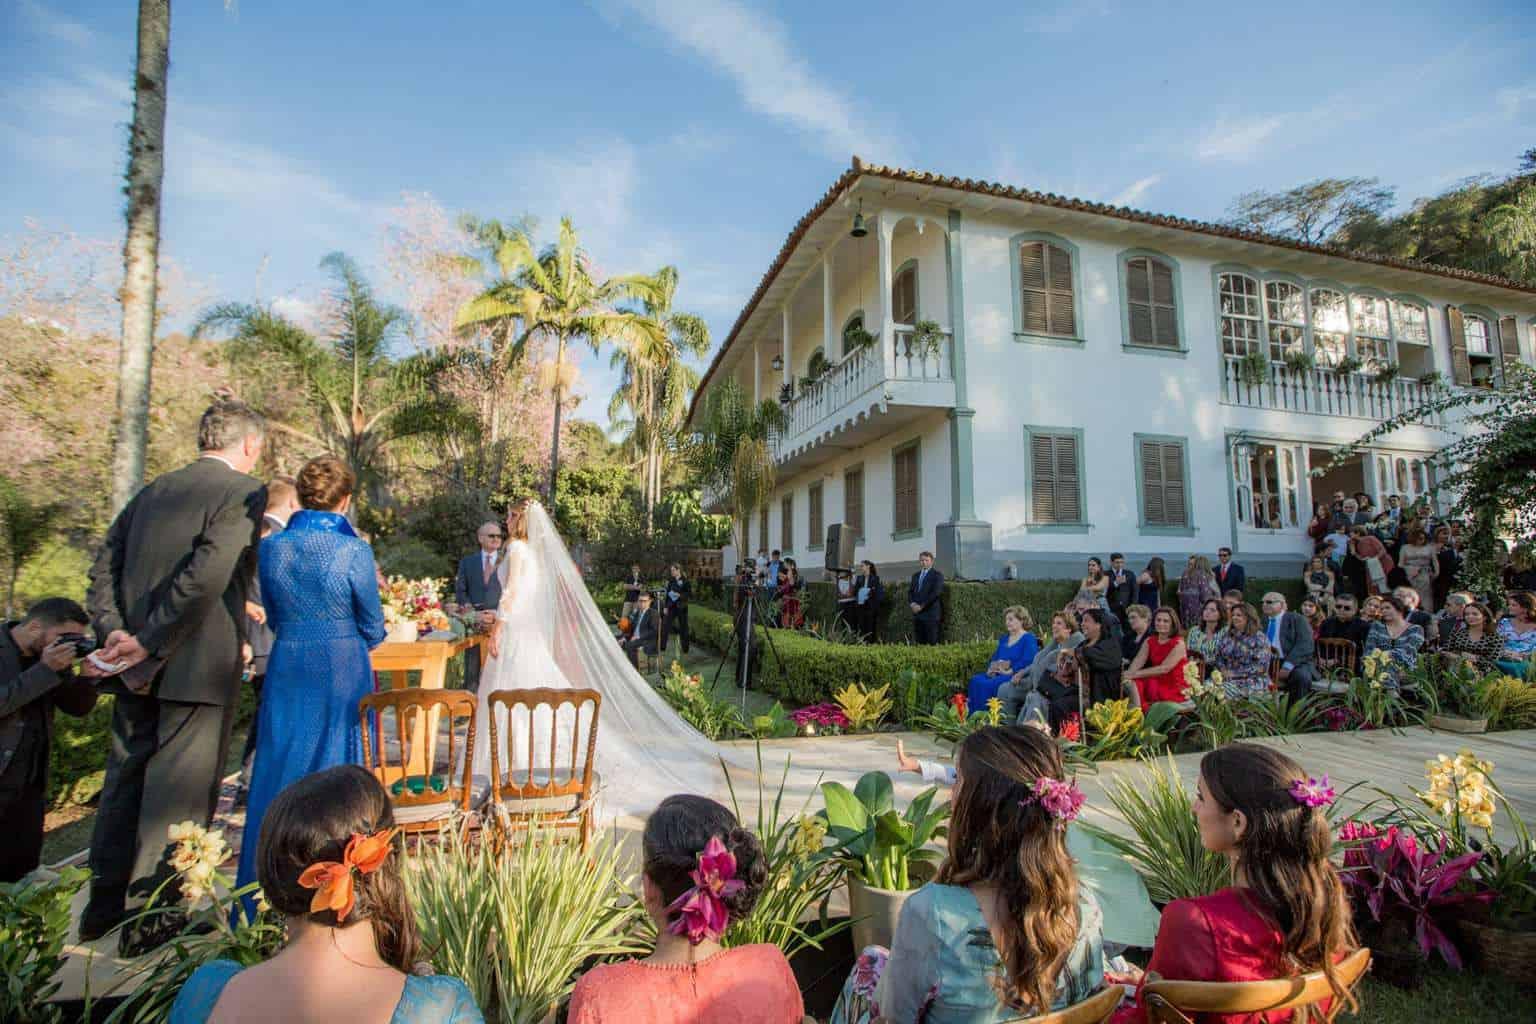 casamento-Camila-e-Diogo-casamento-na-fazenda-casamento-na-serra-casamento-romântico-cerimônia-destination-wedding-Fazenda-Santo-Antonio-Fotografia-Rodrigo-Sack-55